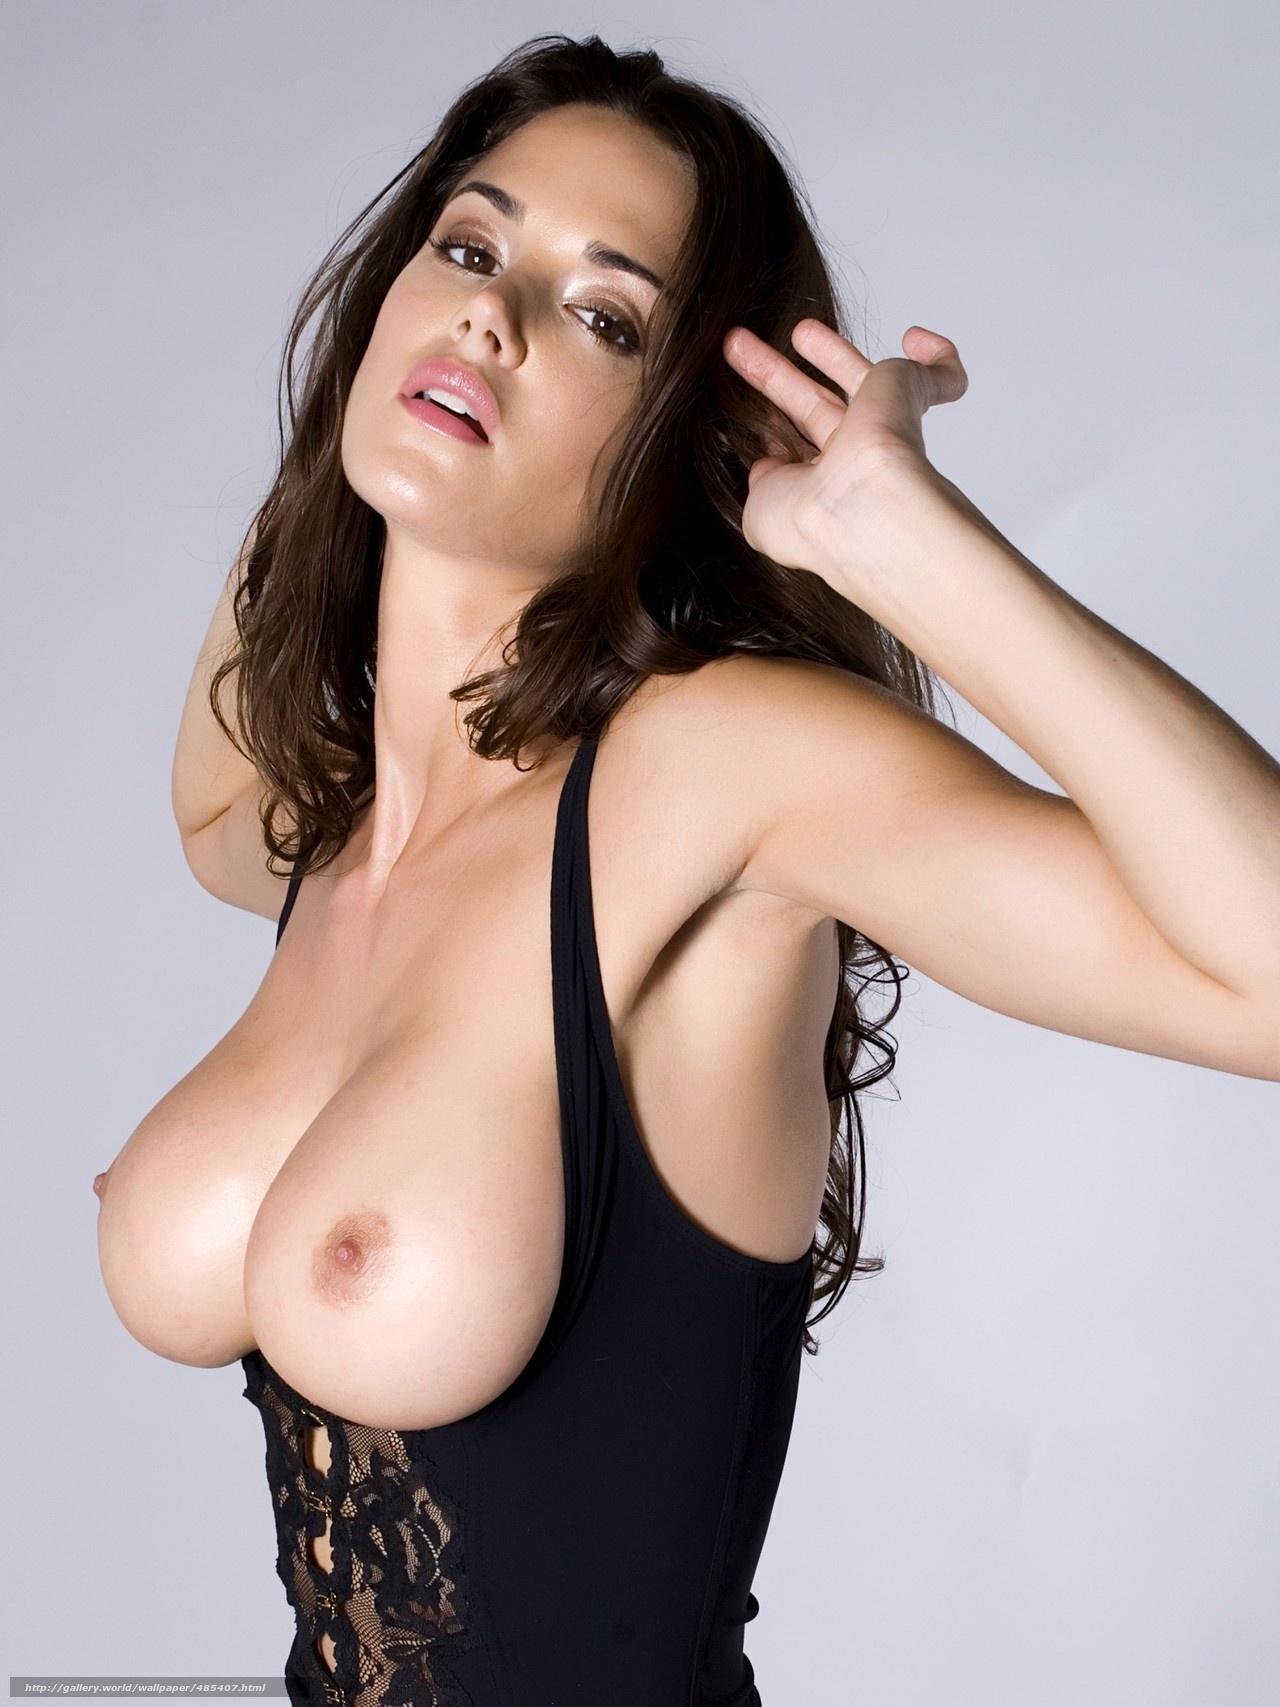 Посмотреть голые груди 21 фотография